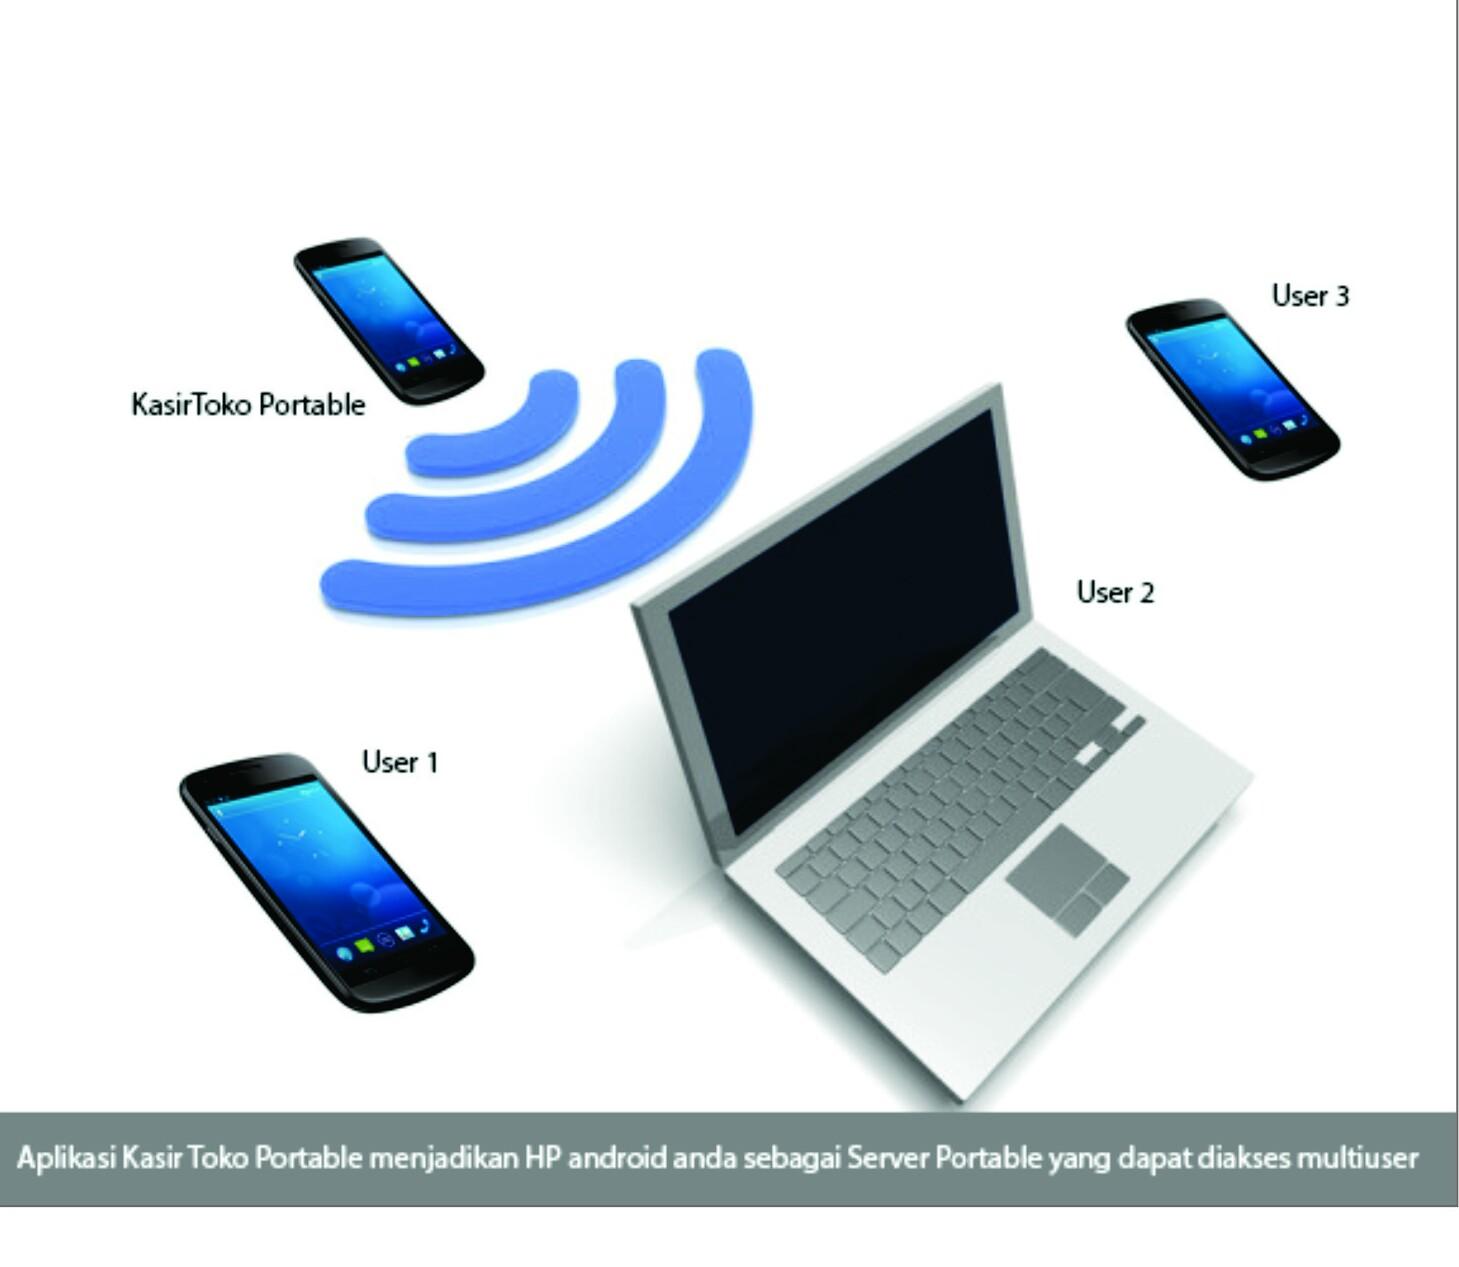 Anda Sebagai Server Yang Dapat Diakses Multiuser Baik Melalui Komputer Maupun Dari Perangkat Android Lainnya Wifi Tethering Hanya Untuk Jaringan Saja